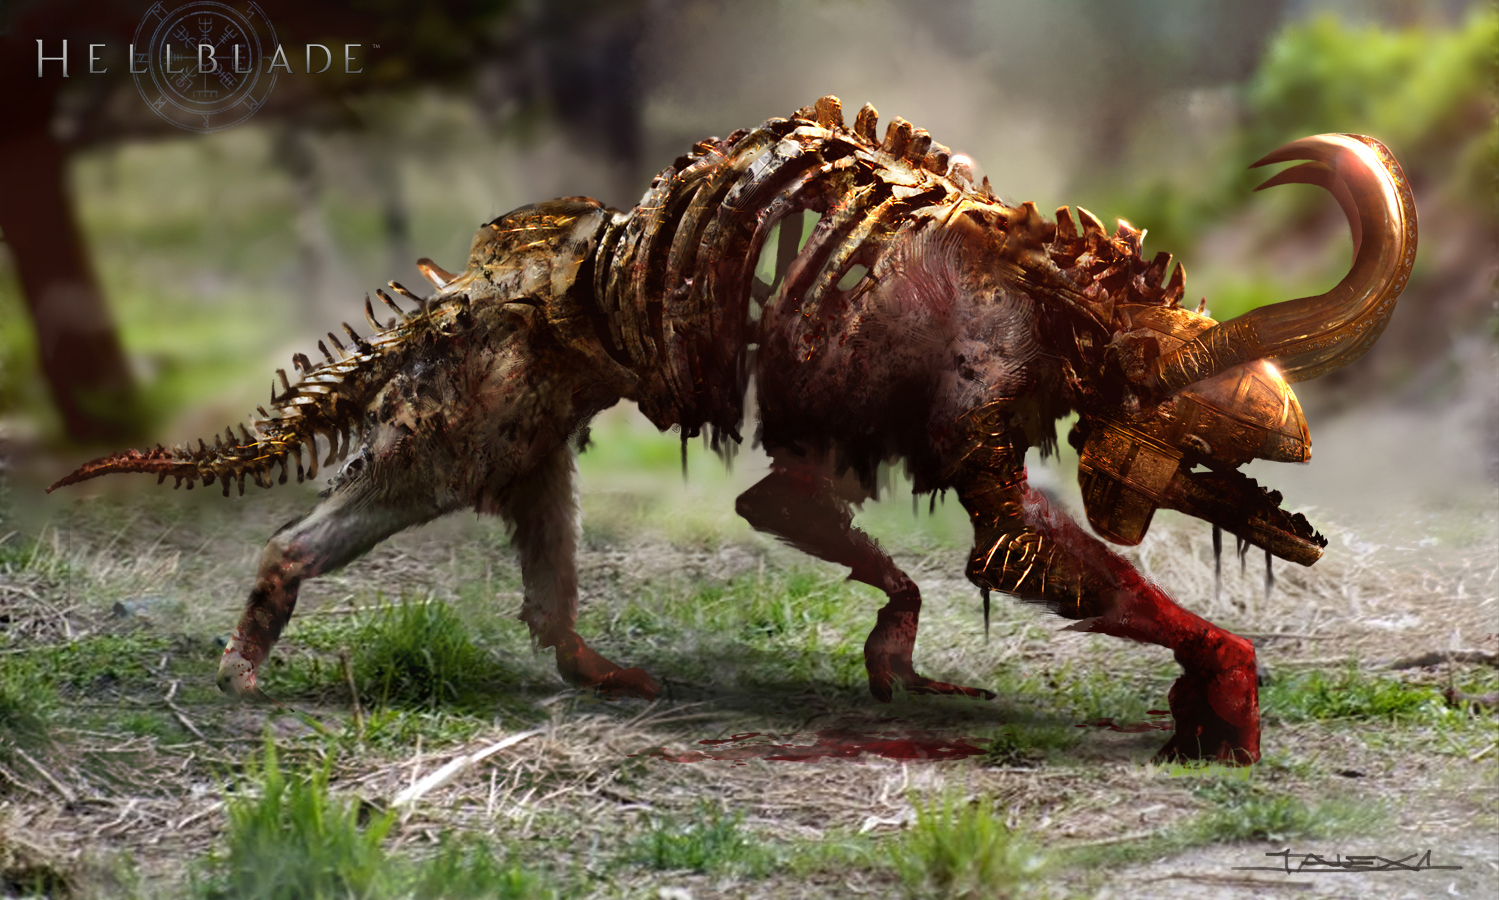 《地狱之刃》确认登陆PC 再曝一批精美艺术概念画